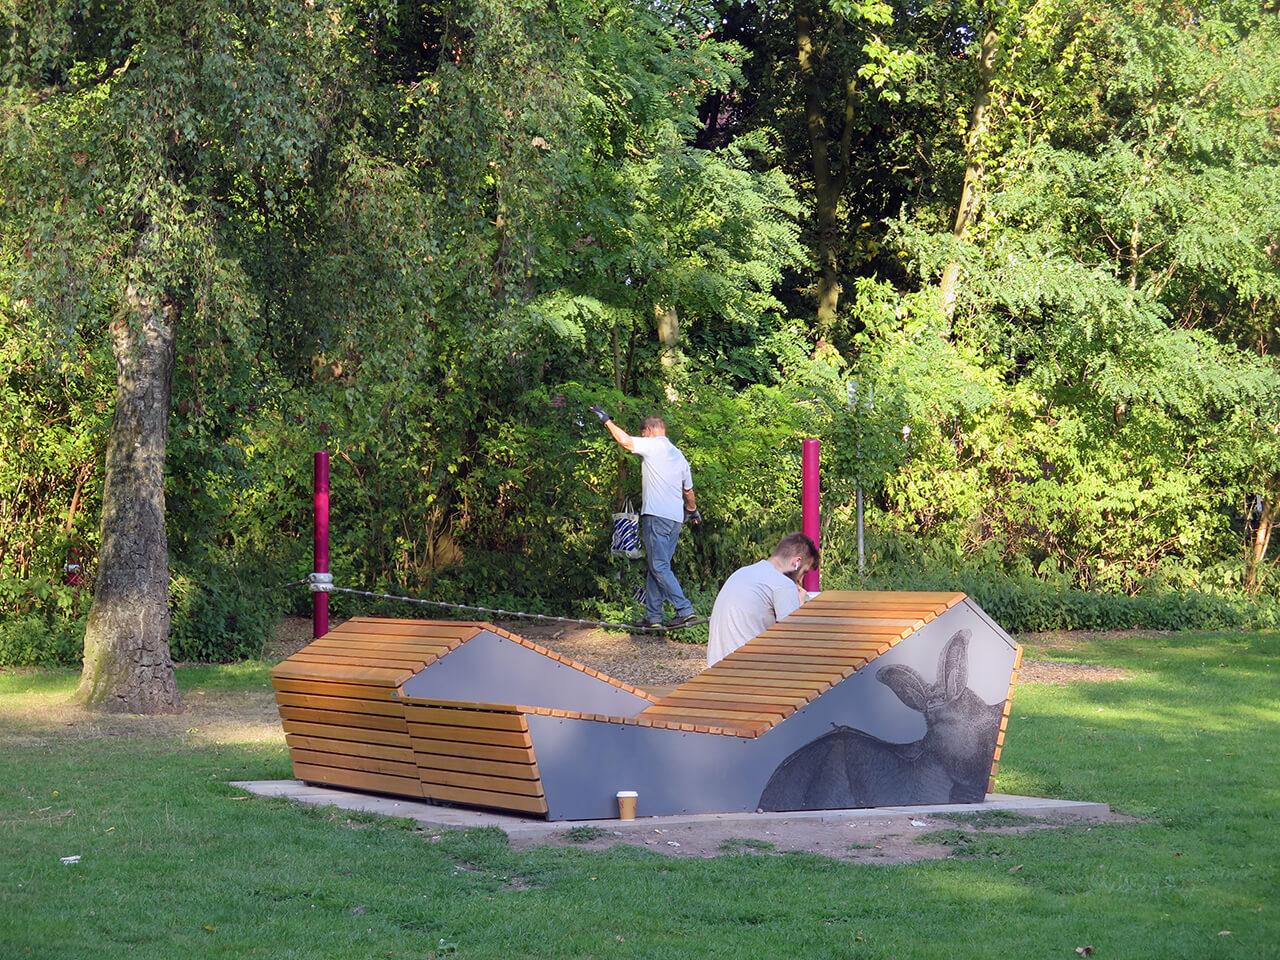 AAD-Thoerls-Park-Hamburg-Abb_16-Photo-by-Thomas-E.-Hauck